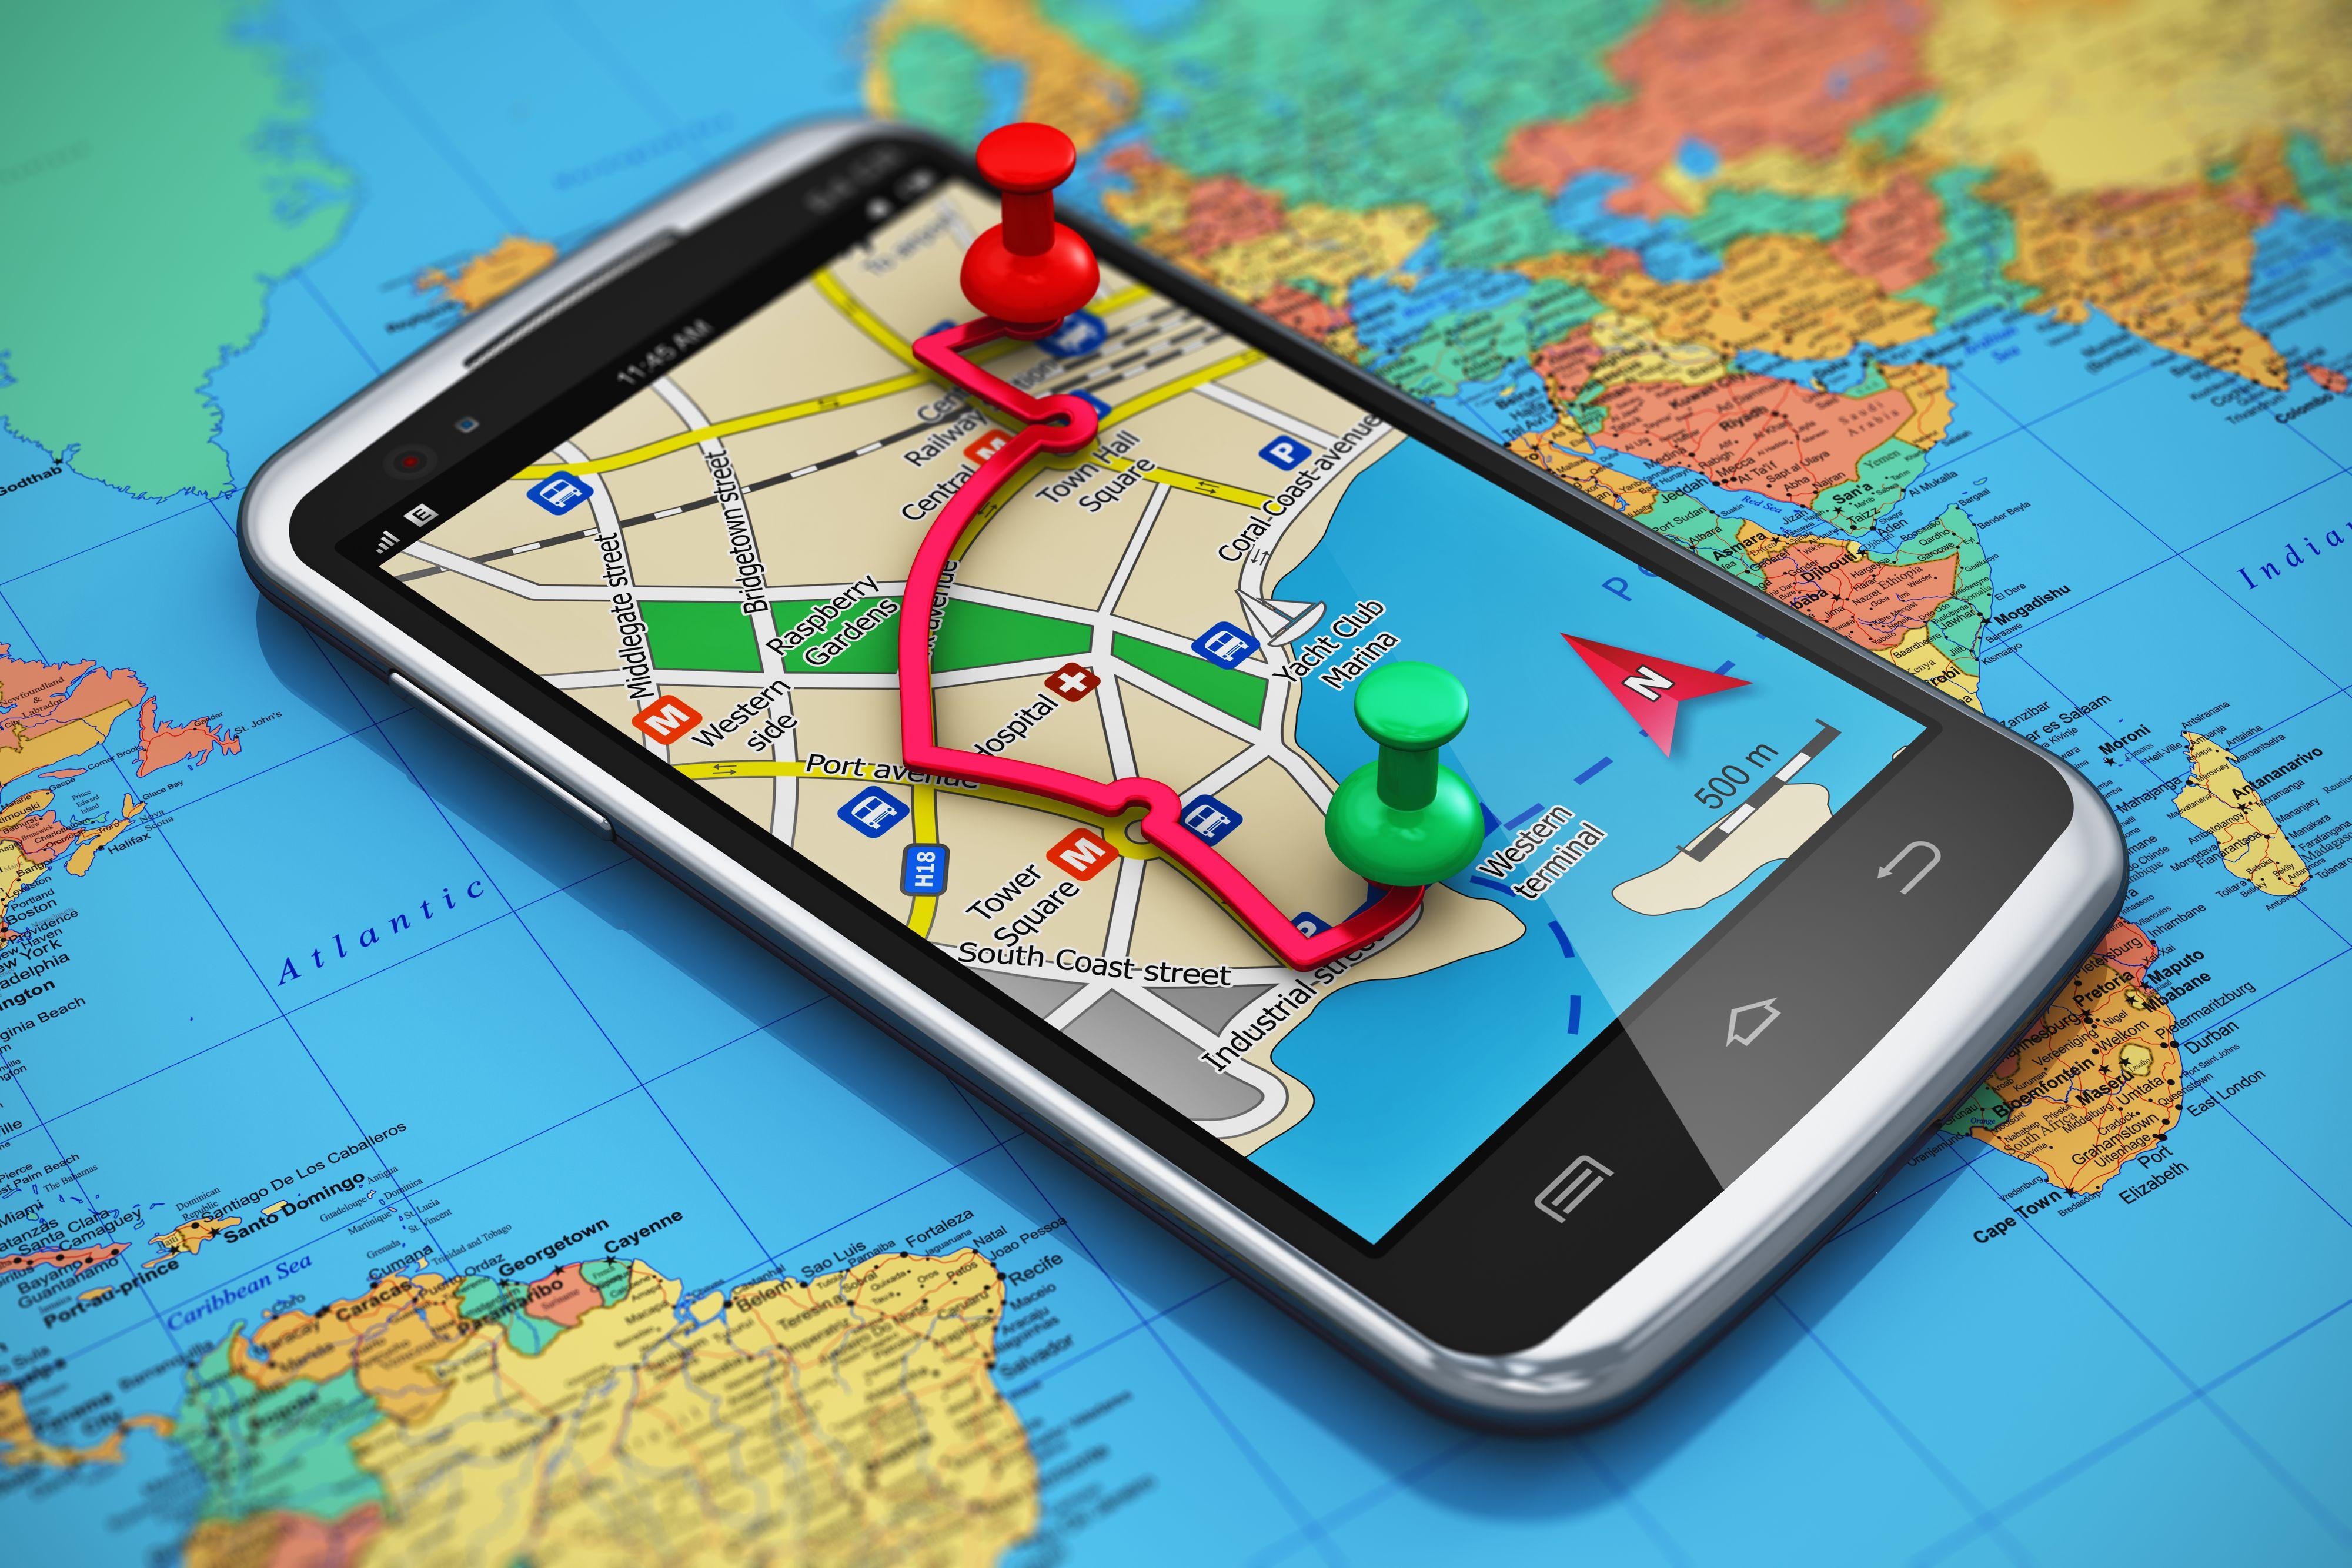 Siden 1993 har det vært mulig å navigere ved hjelp av GPS. Foto: Shutterstock